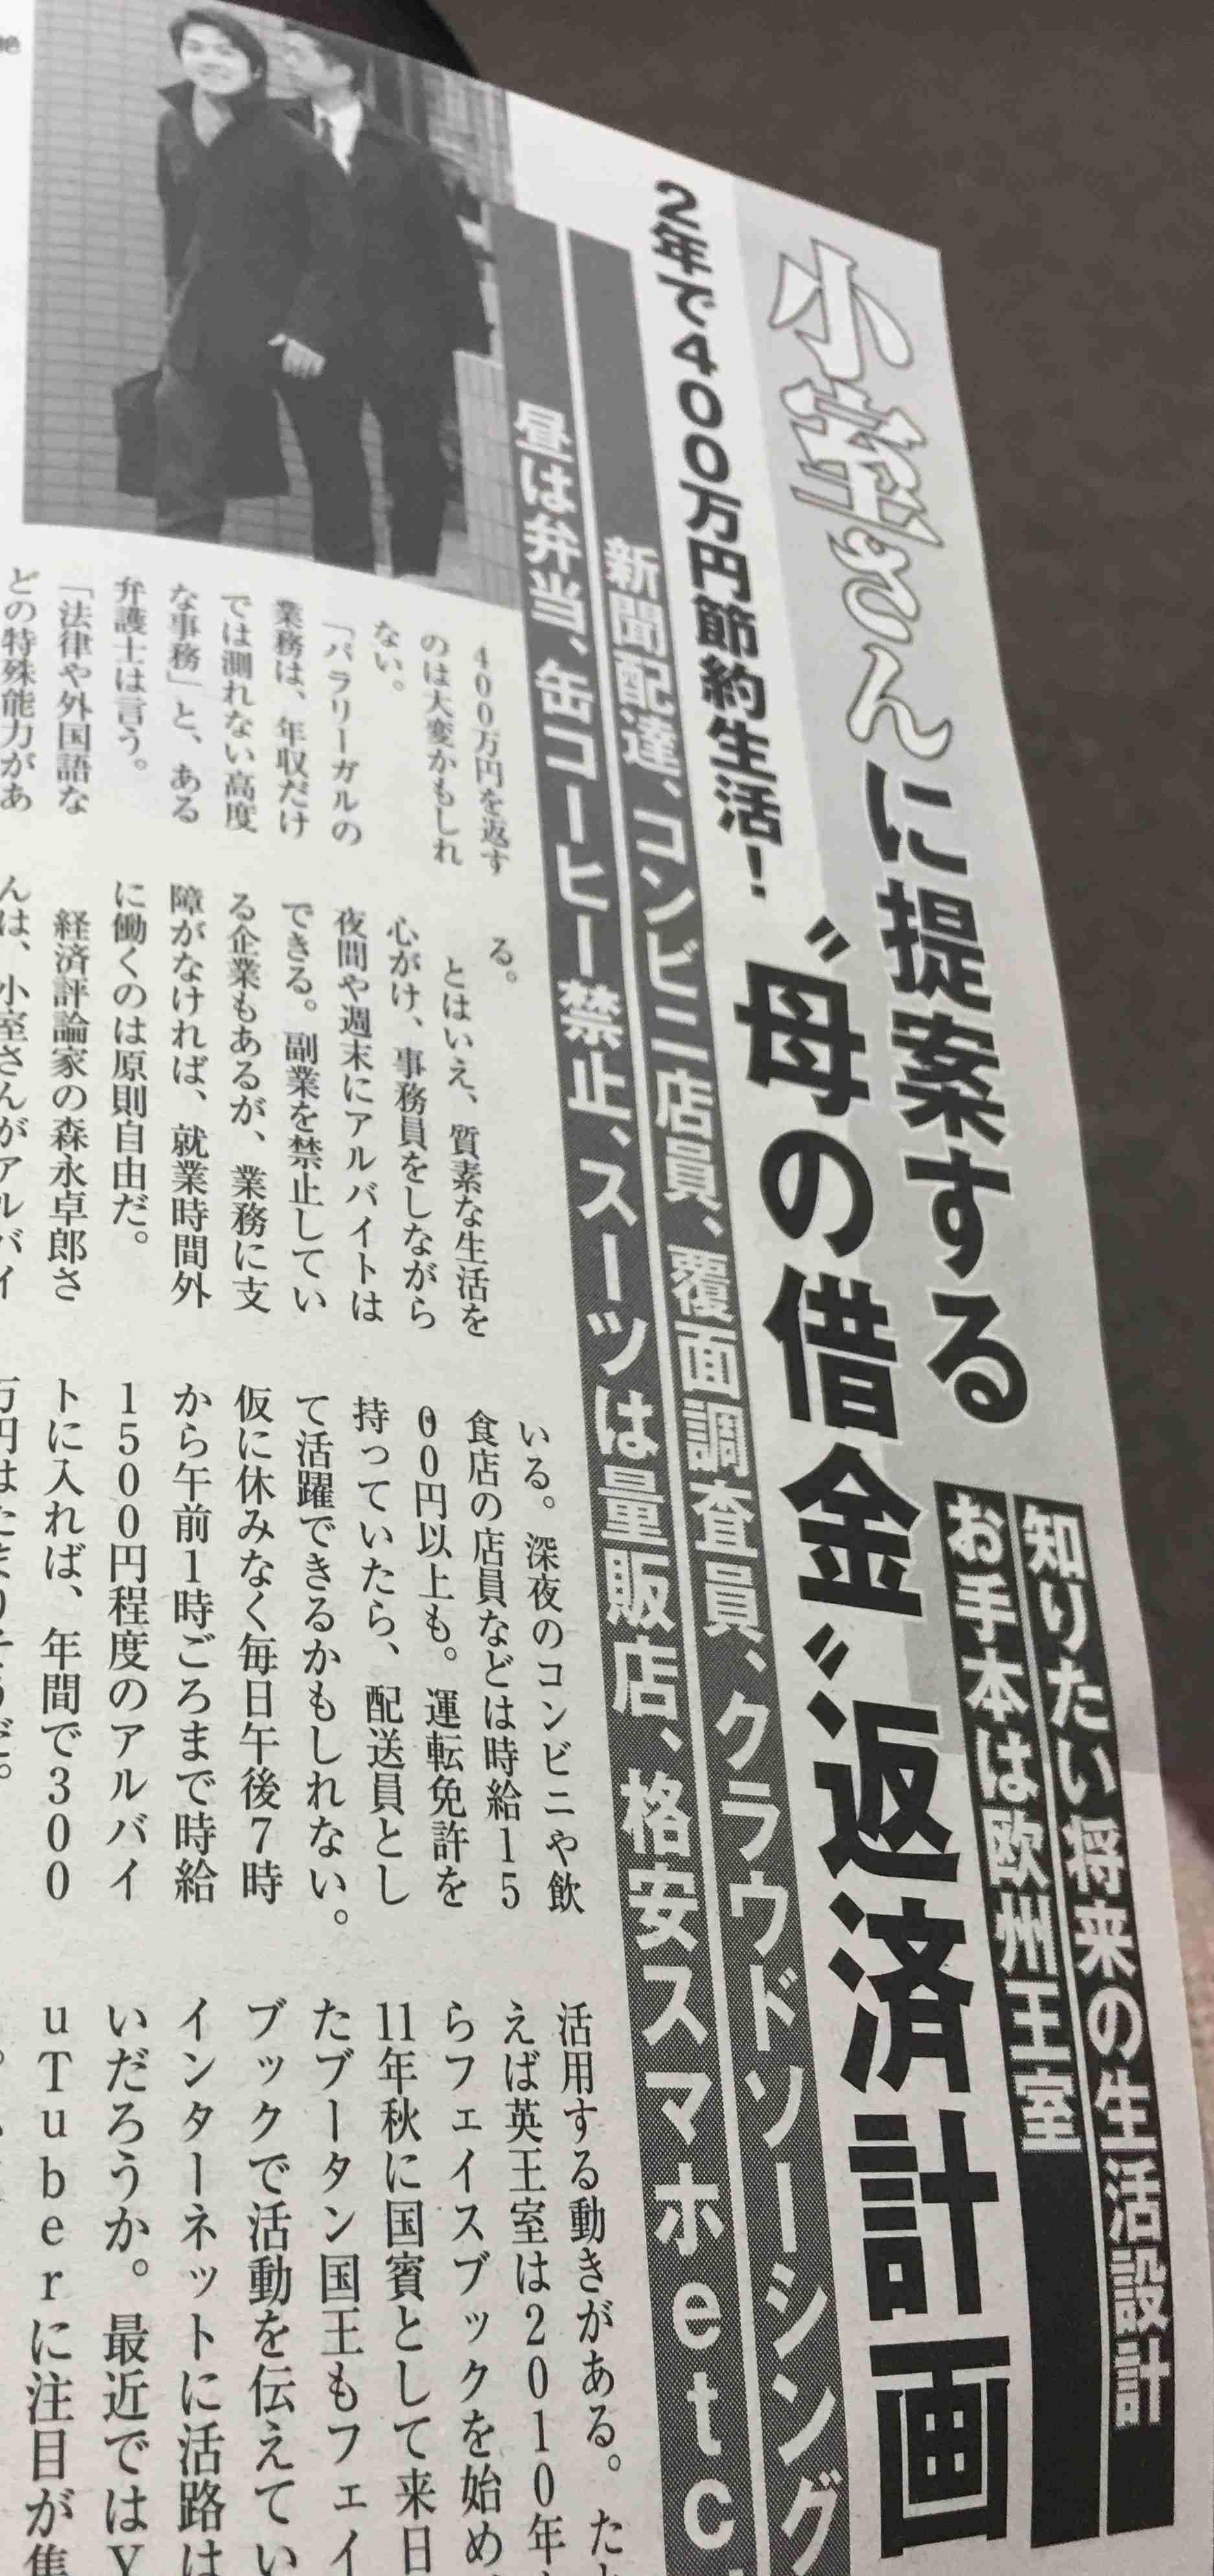 眞子さまと婚約者・小室圭さんの「結婚延期」に借金トラブル被害者が胸中告白